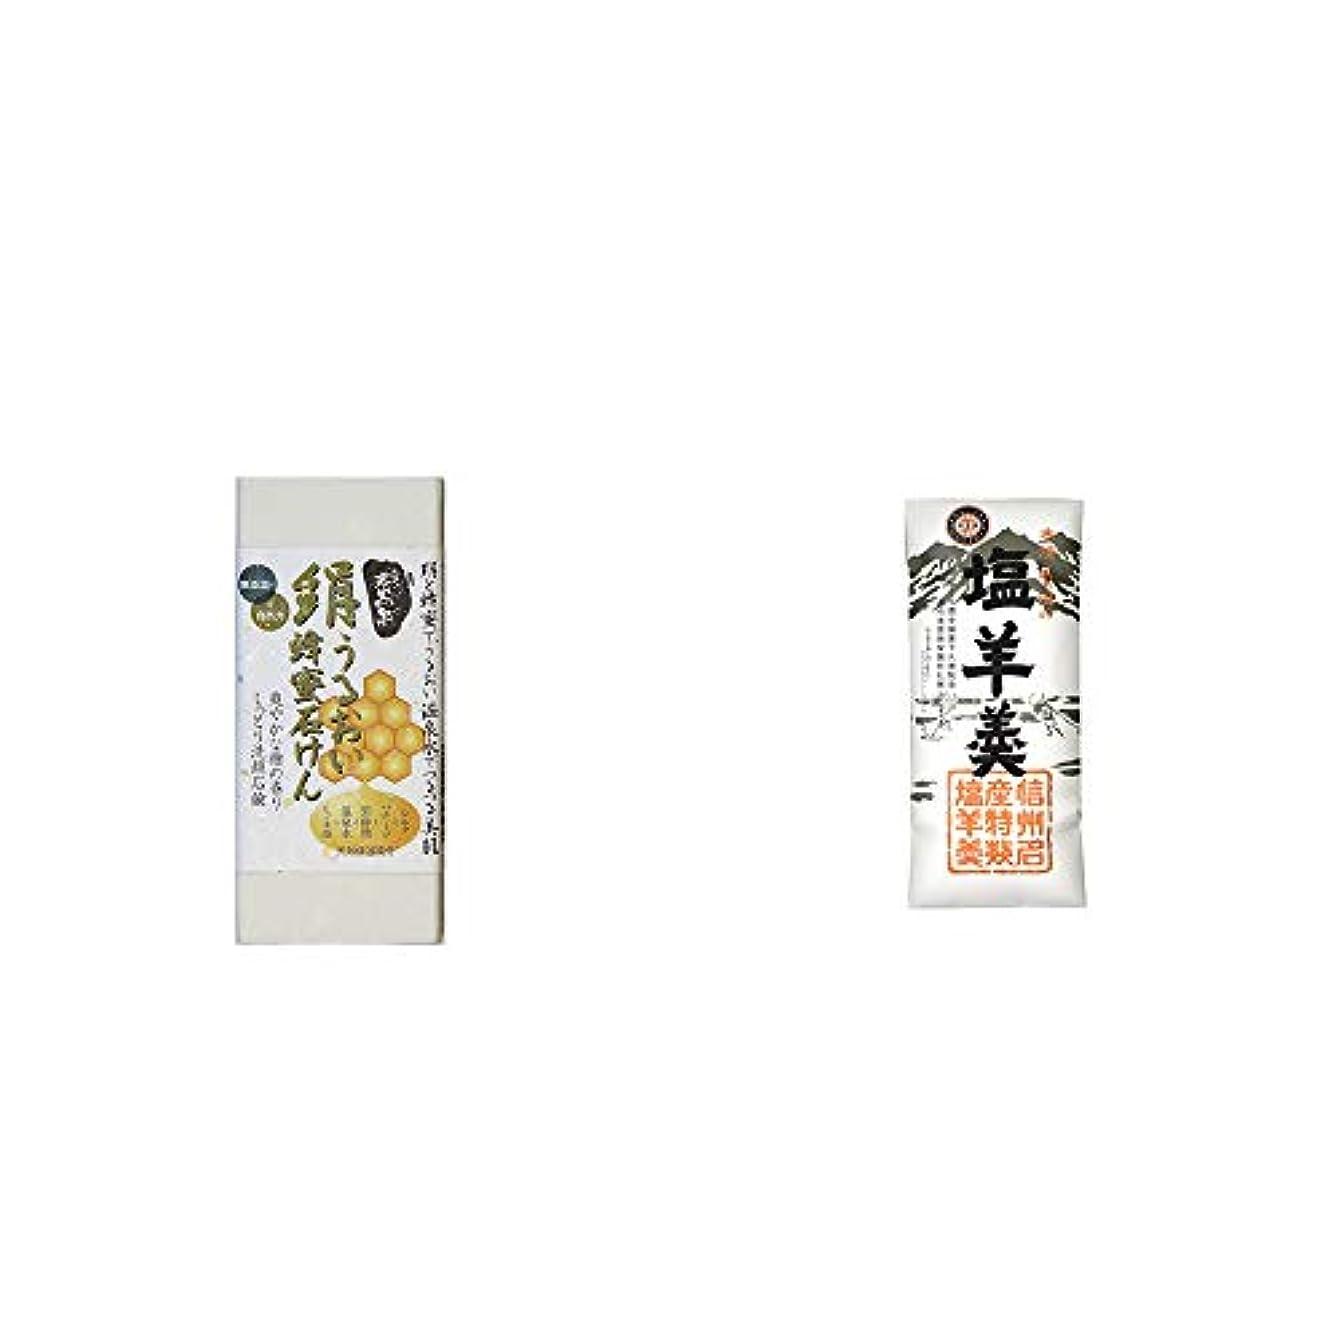 舗装ネコメイエラ[2点セット] ひのき炭黒泉 絹うるおい蜂蜜石けん(75g×2)?栗田の塩羊羹(160g)